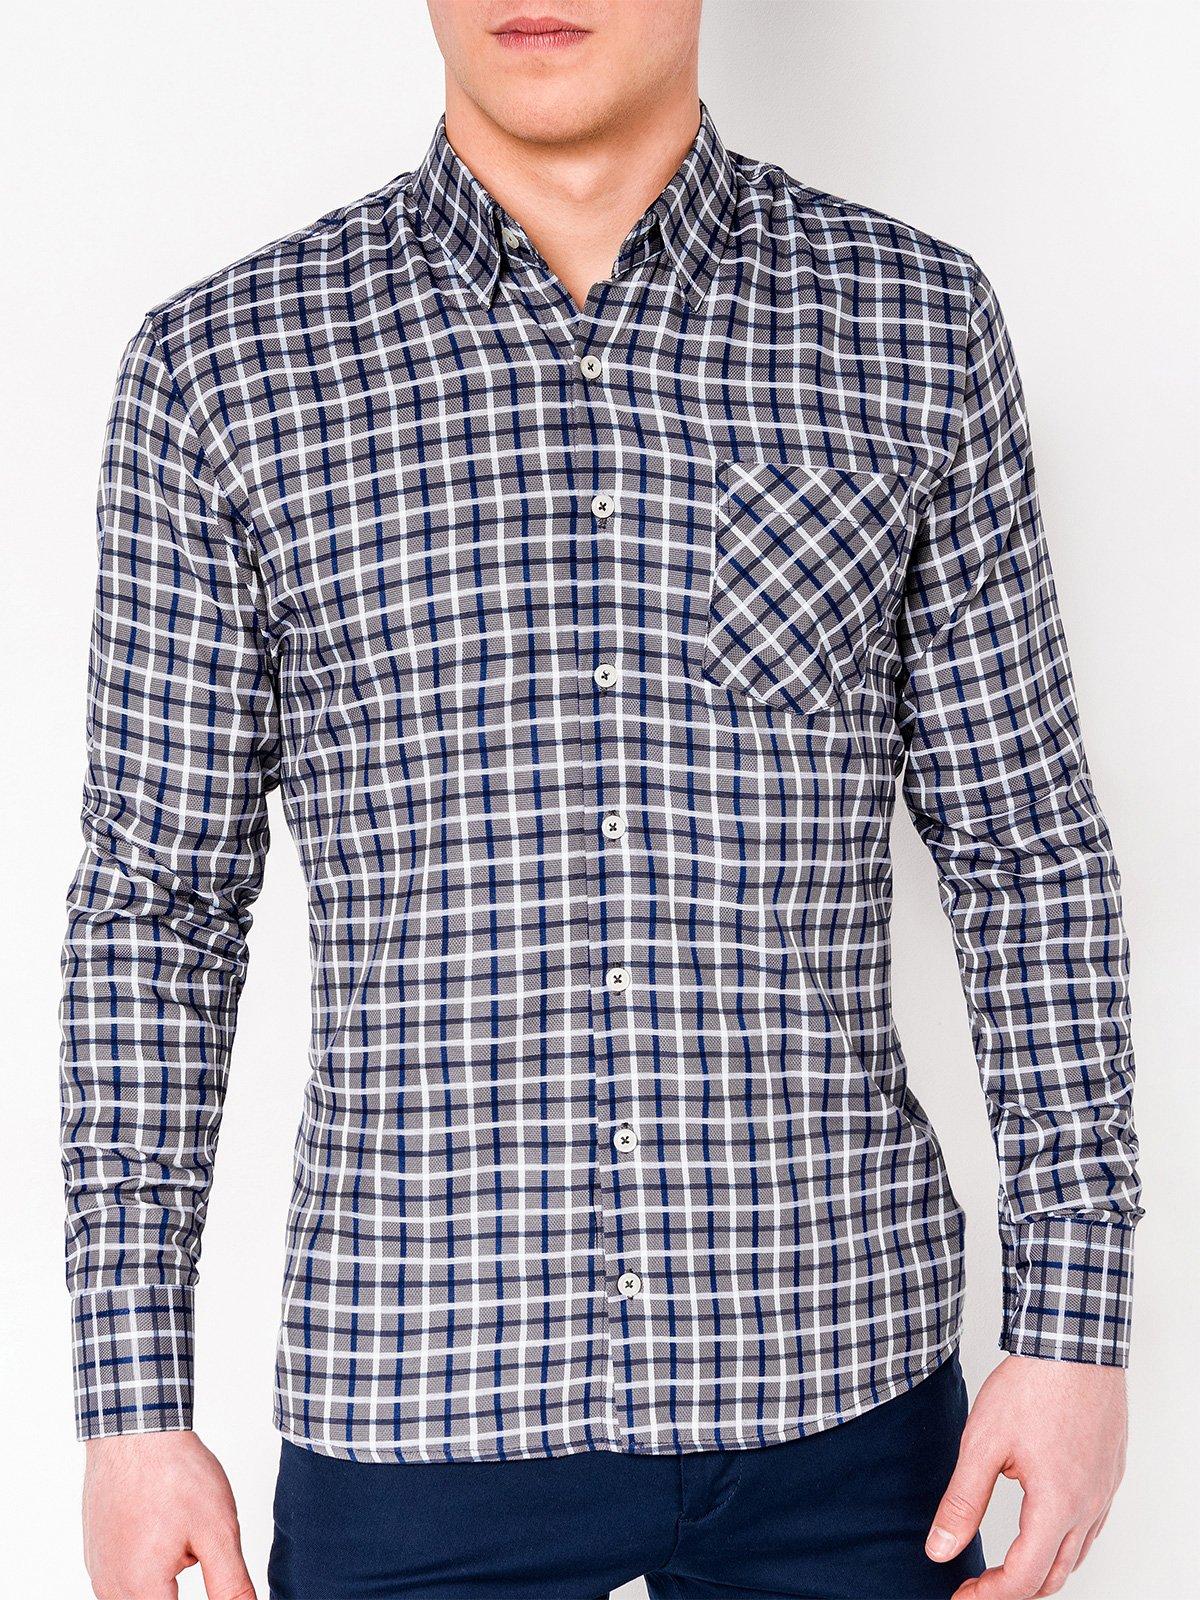 40bff3c3fa4 ... Мужская рубашка в клеточку с длинным рукавом K429 - тёмно-синяя темно-серая  ...